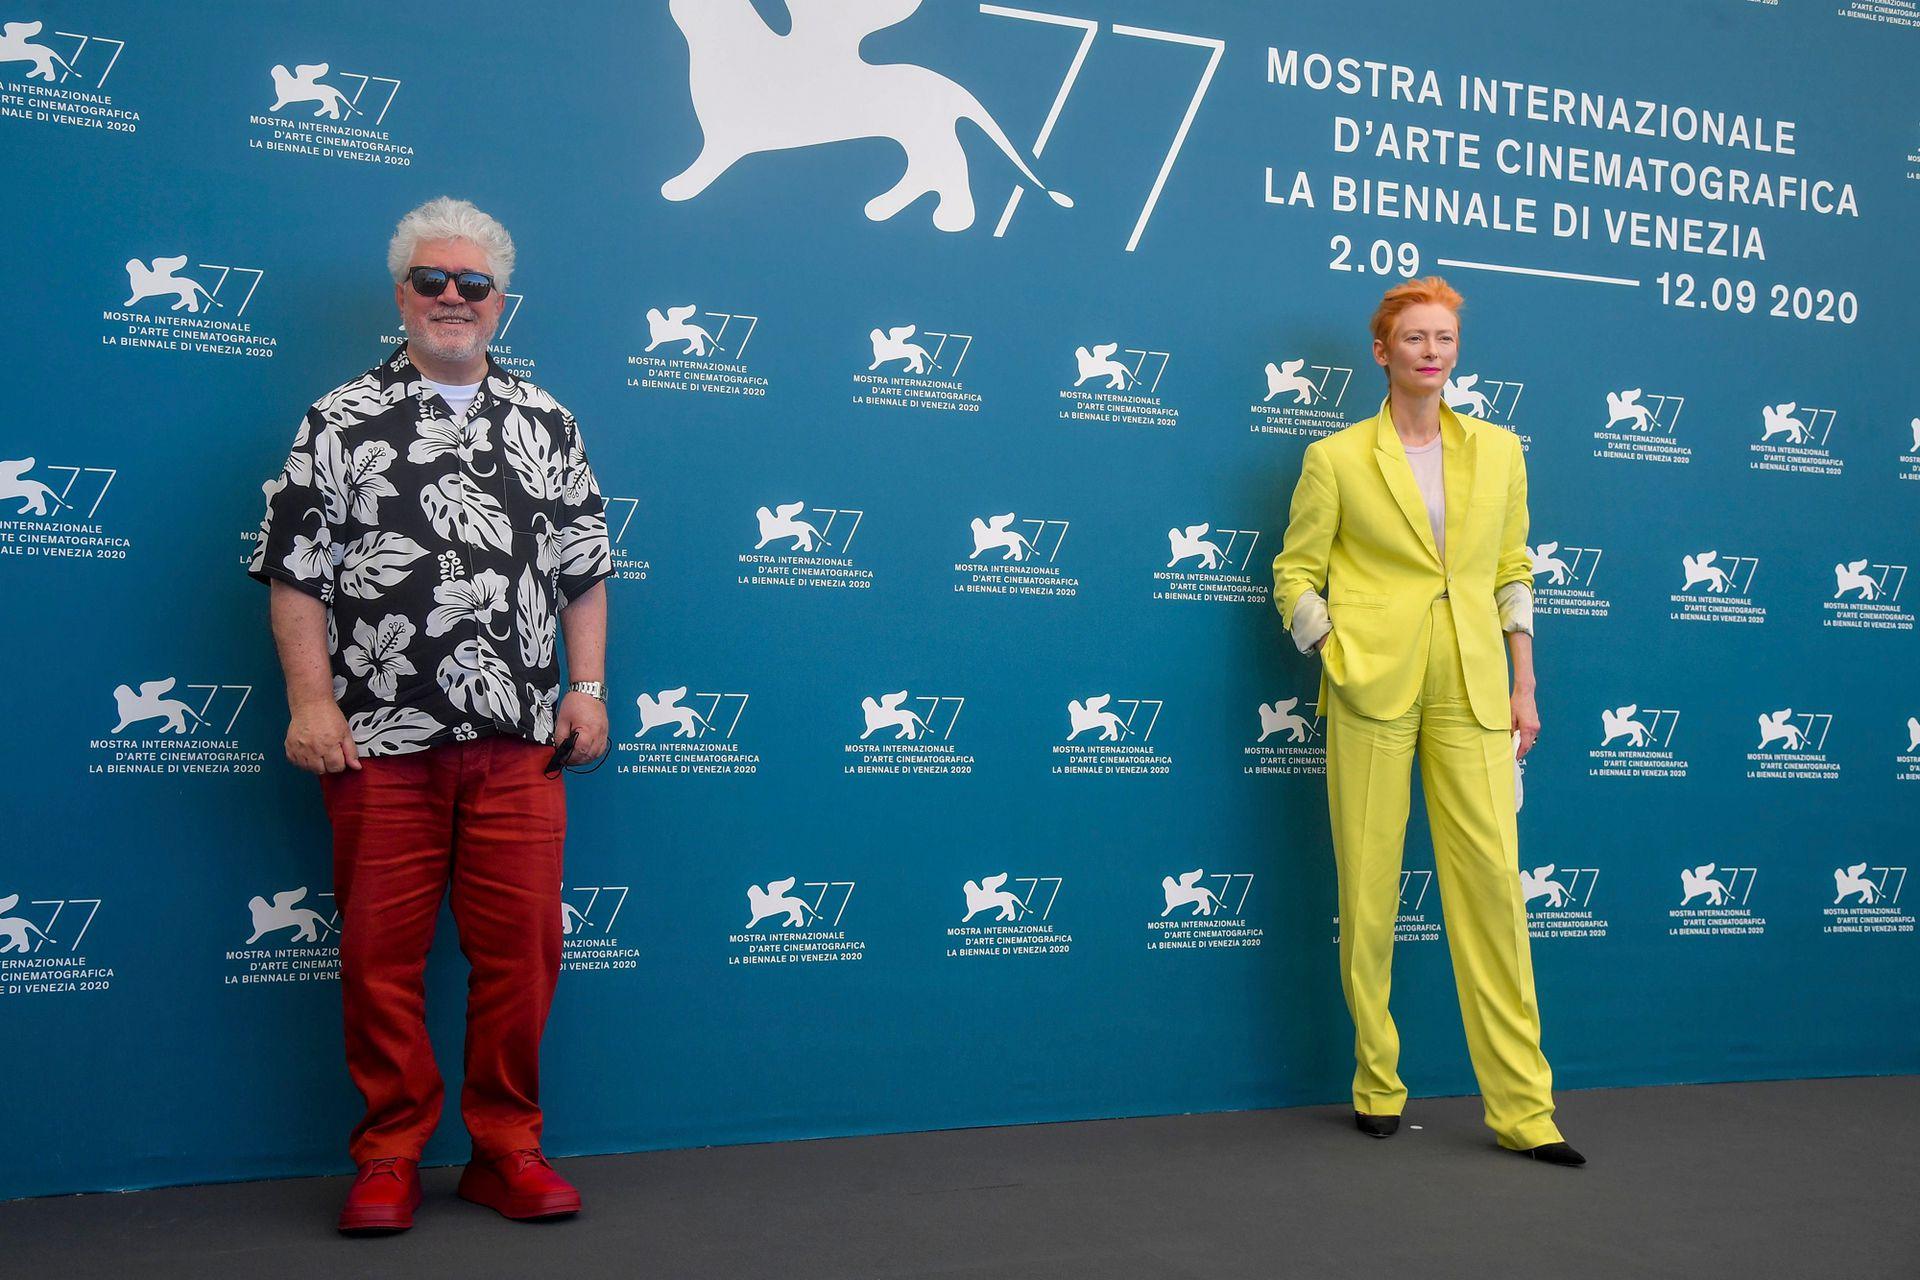 """La actriz británica Tilda Swinton y el director español Pedro Almodóvar asisten a un photocall de la película """"La voz humana"""" presentada fuera de competencia el segundo día del 77 ° Festival de Cine de Venecia, el 3 de septiembre de 2020 en el Lido de Venecia."""